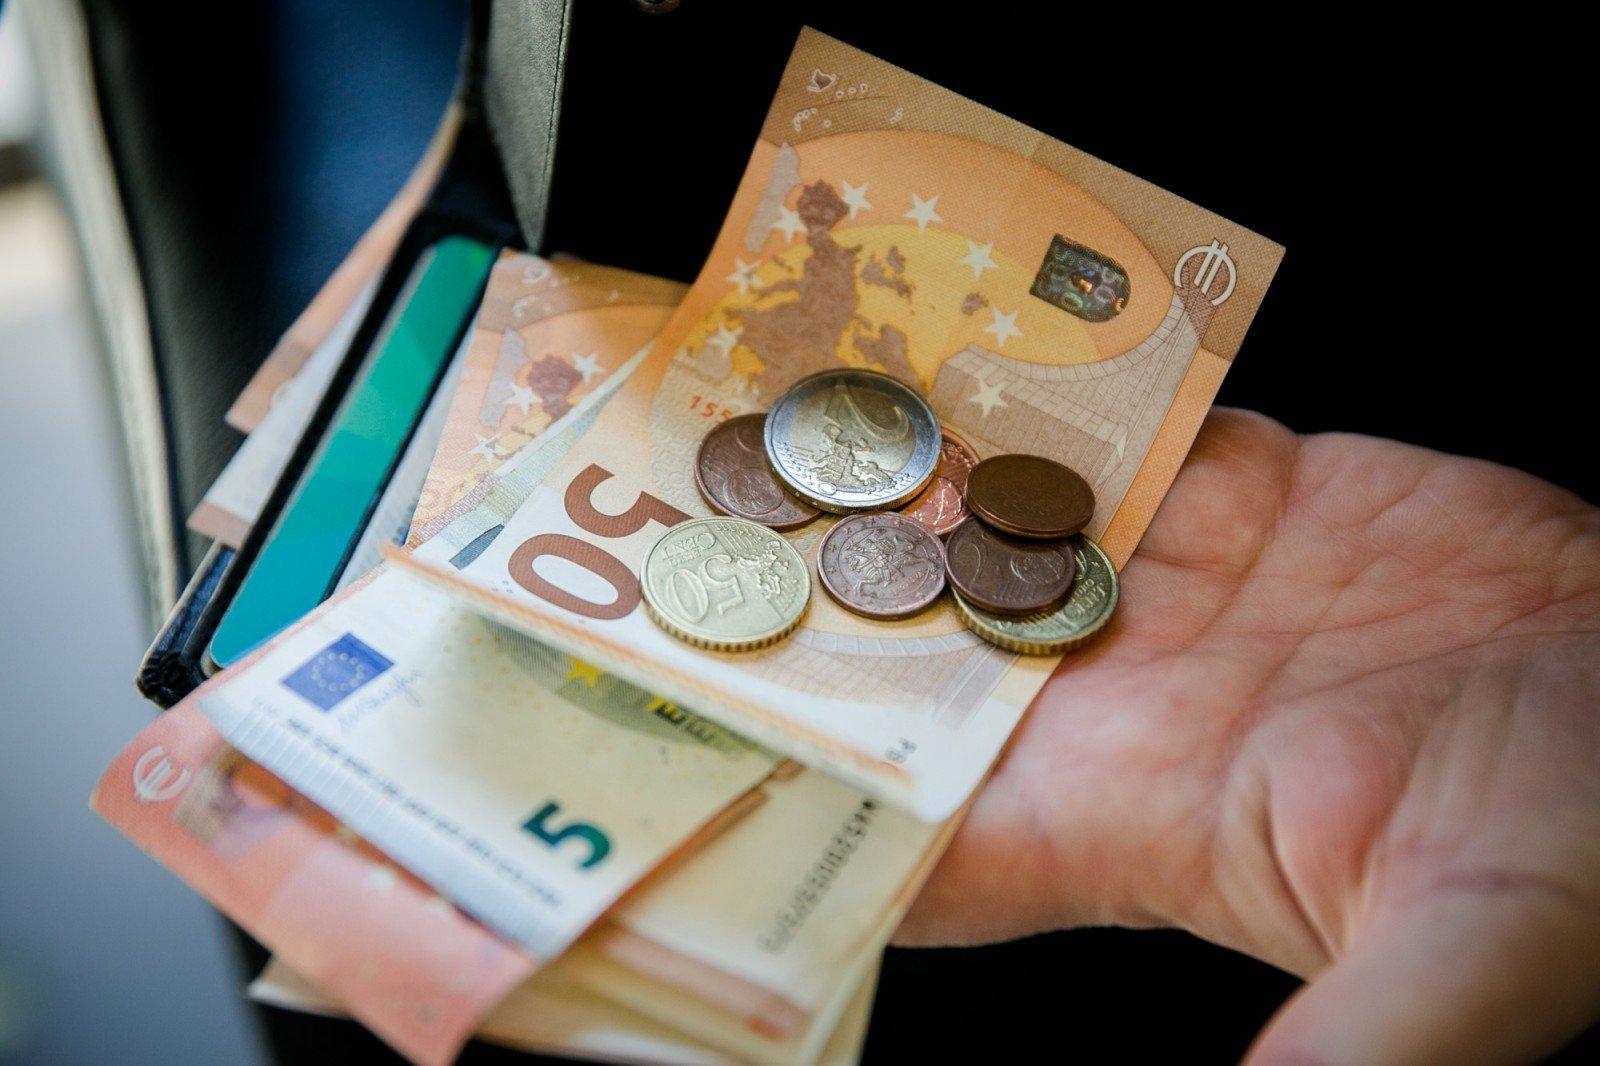 kaip pasiekti finansinę nepriklausomybę bitkoinų piniginių platinimas